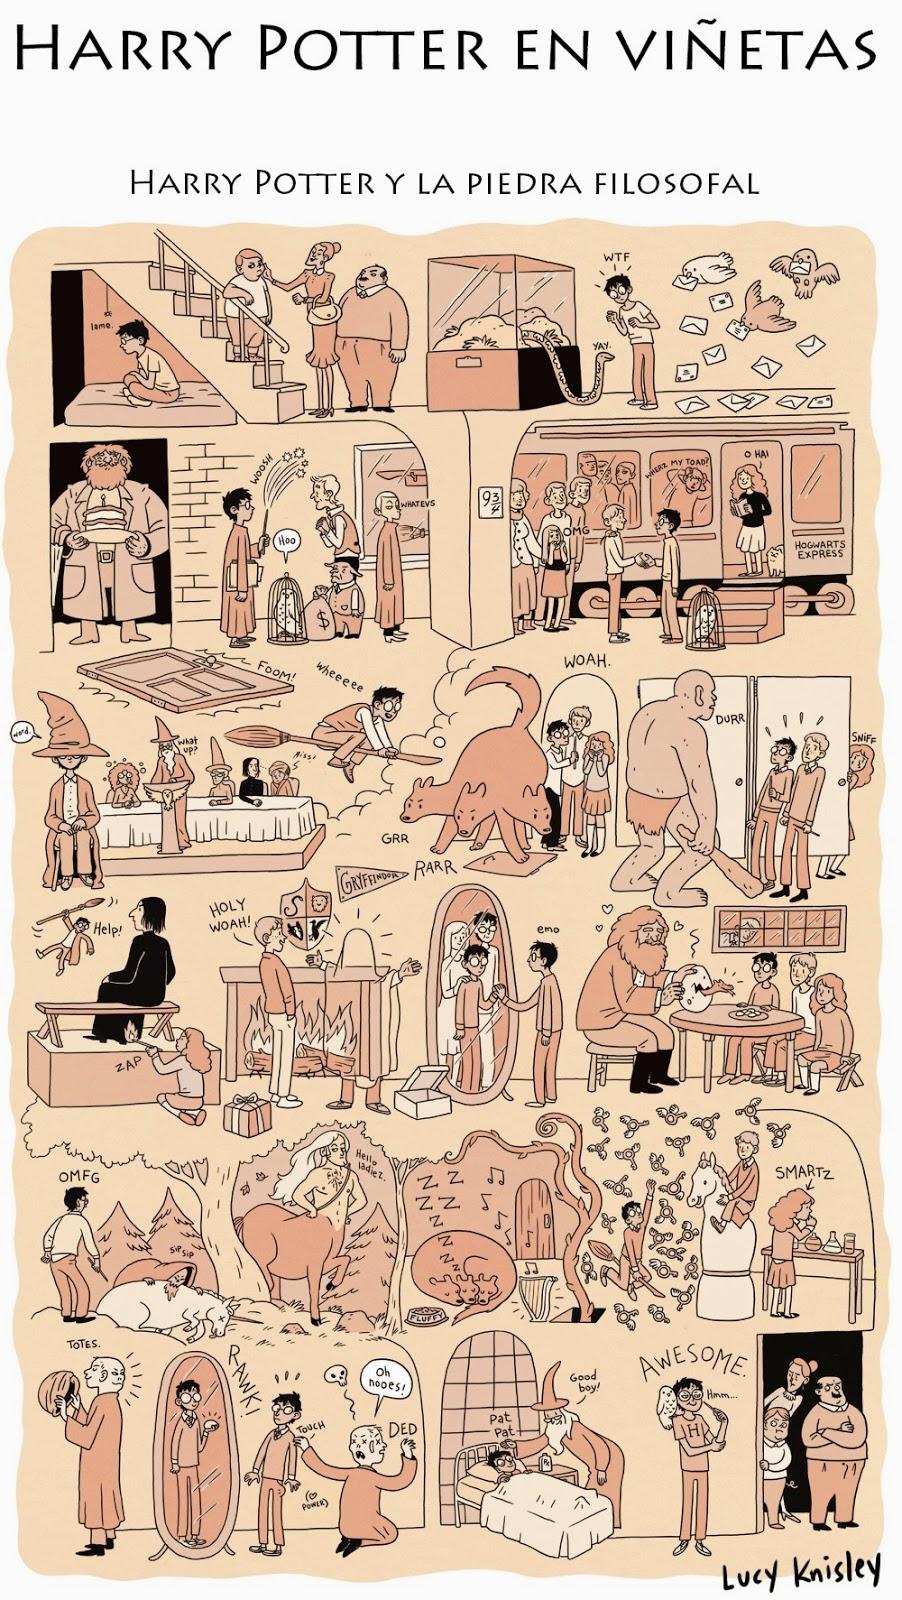 viñeta resumen - Harry Potter y la piedra filosofal